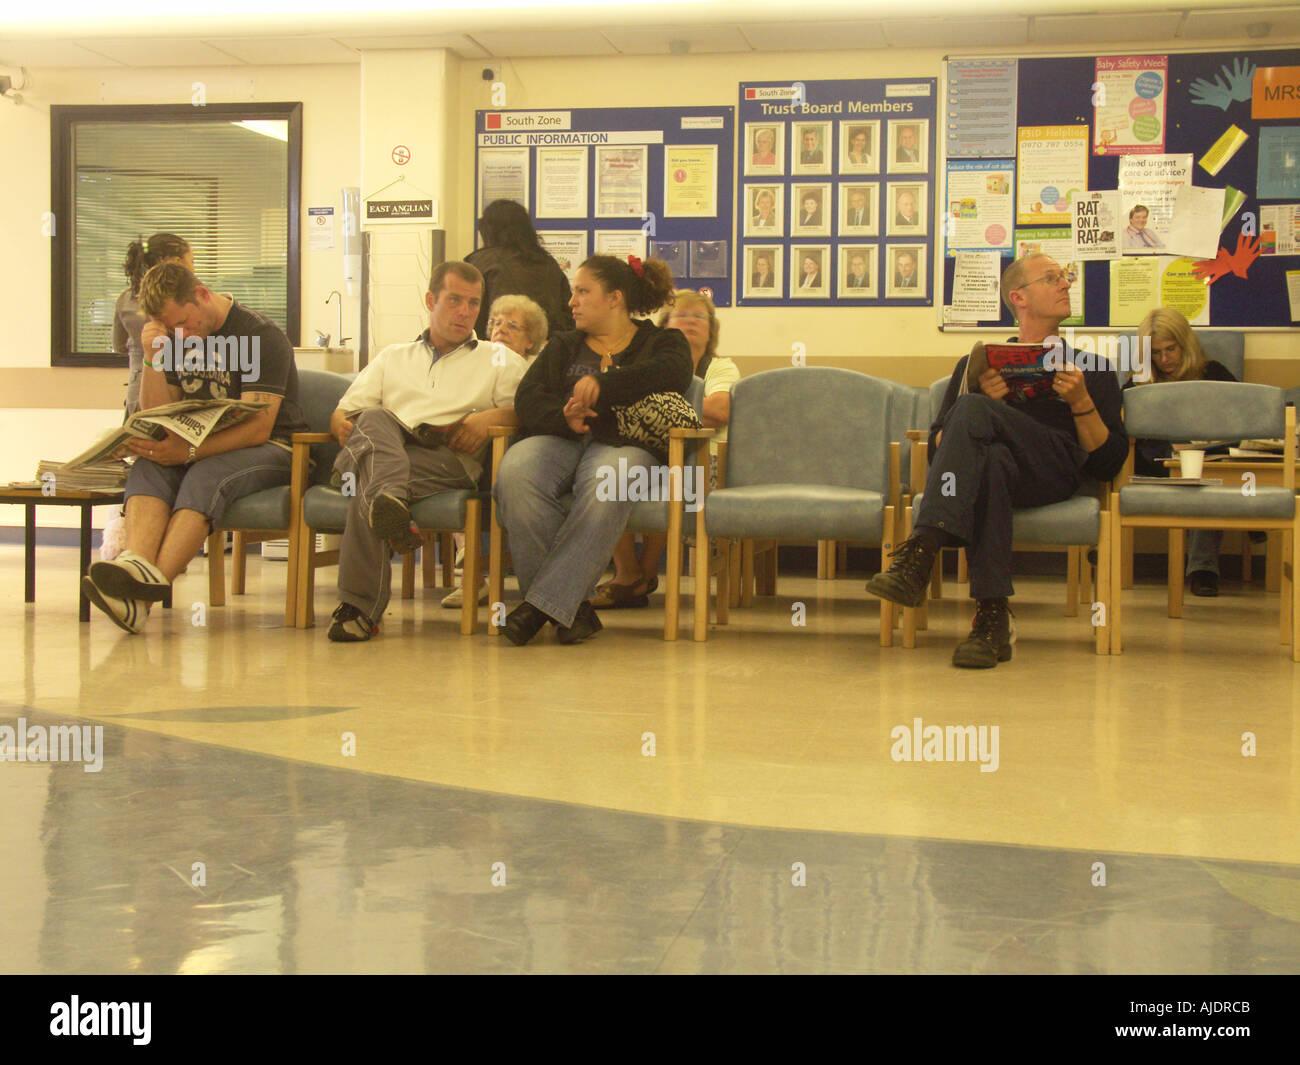 Hospital Waiting Room Uk Stock Photos Amp Hospital Waiting